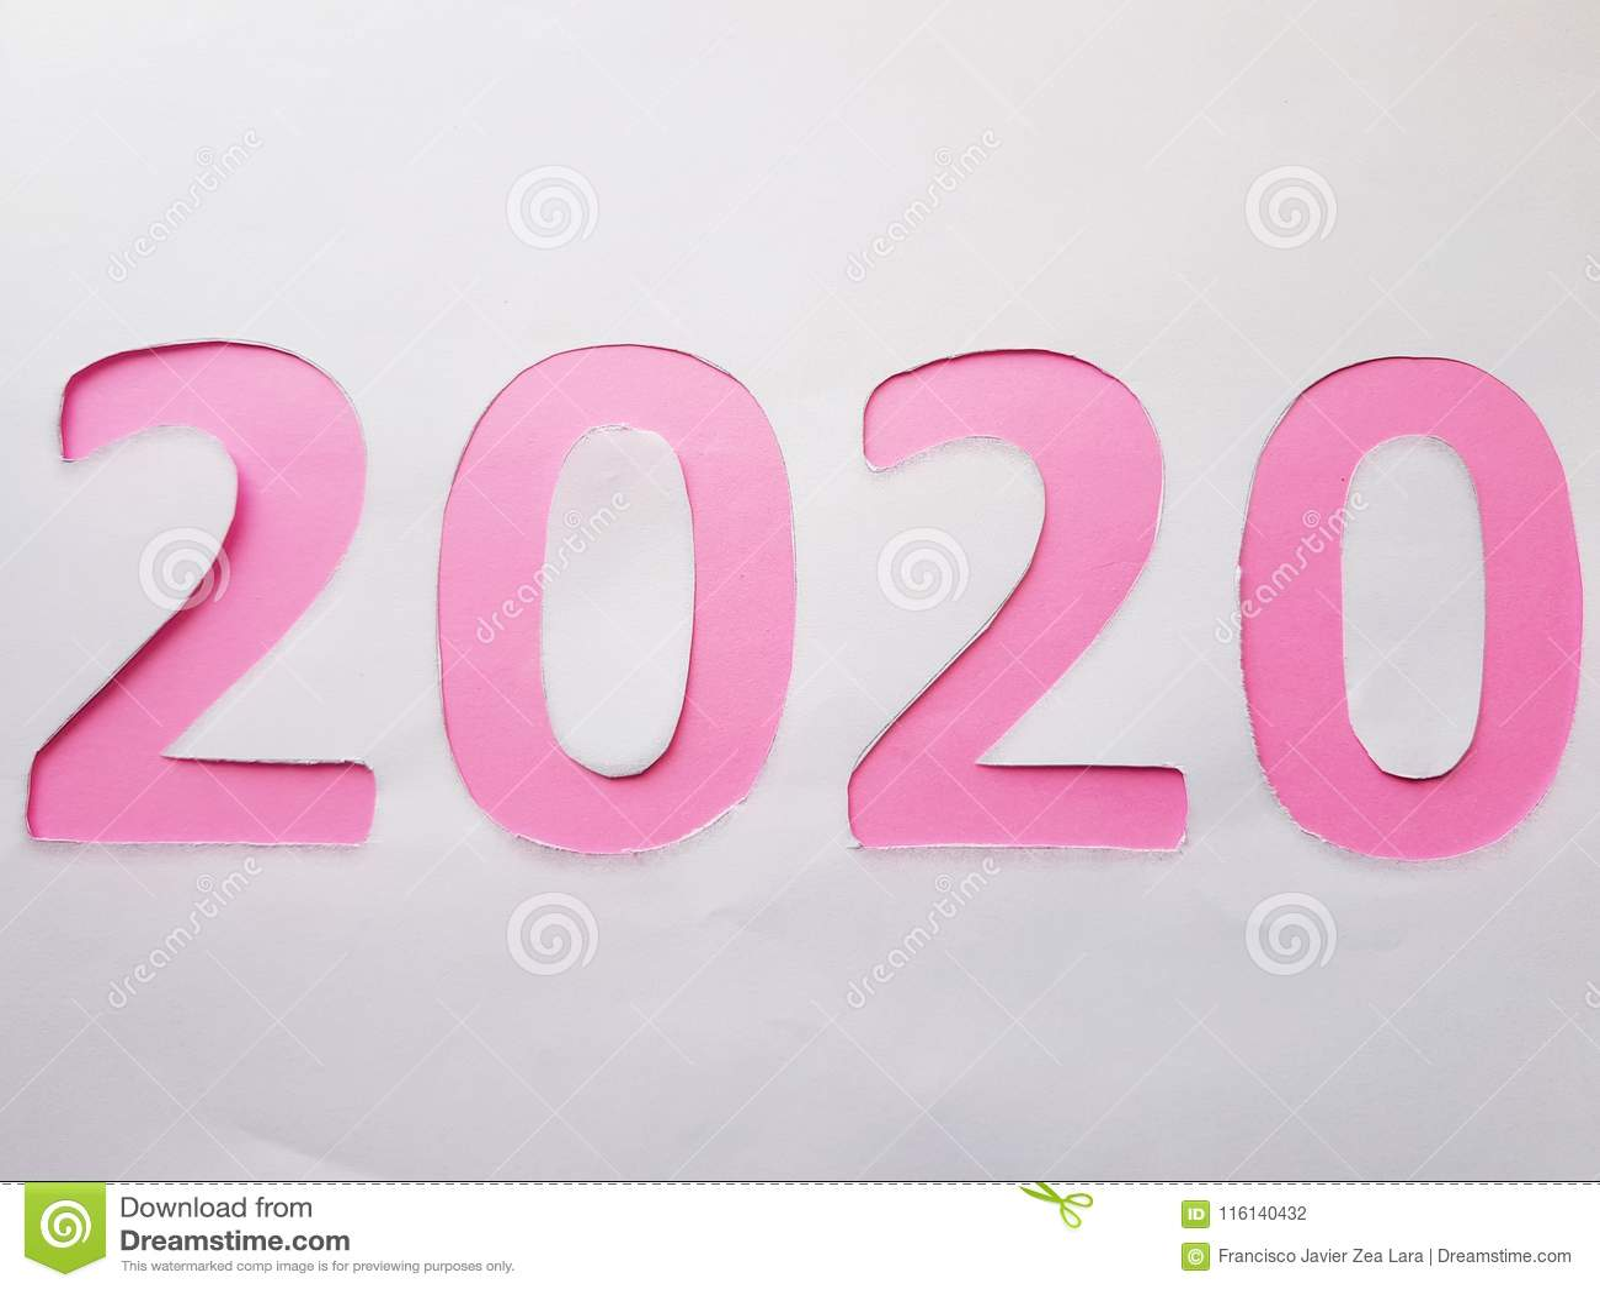 Calendario Rosa 2020.Numero 2020 En Rosa En El Fondo Blanco Foto De Archivo